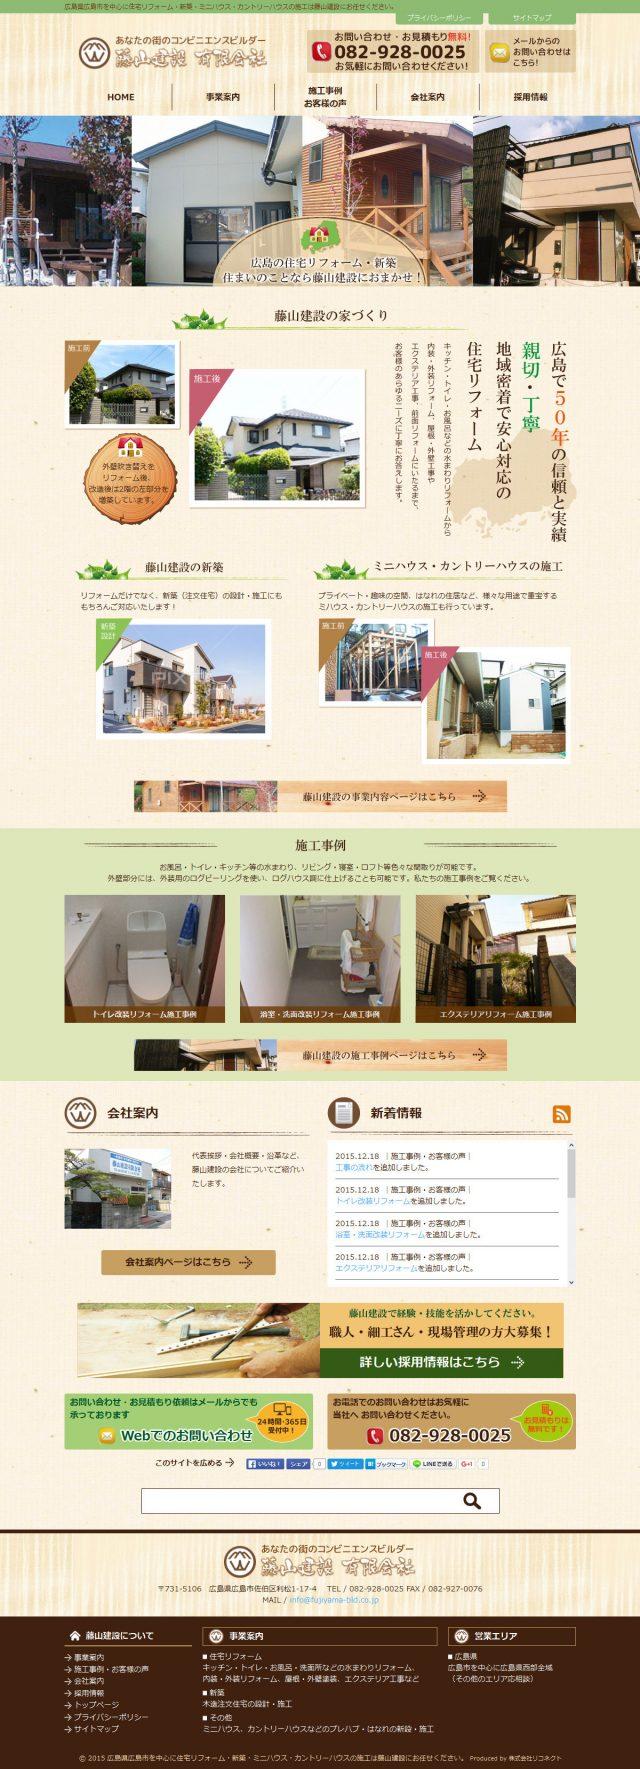 広島県広島市 住宅リフォーム・新築・ミニハウス・カントリーハウス施工の藤山建設 様